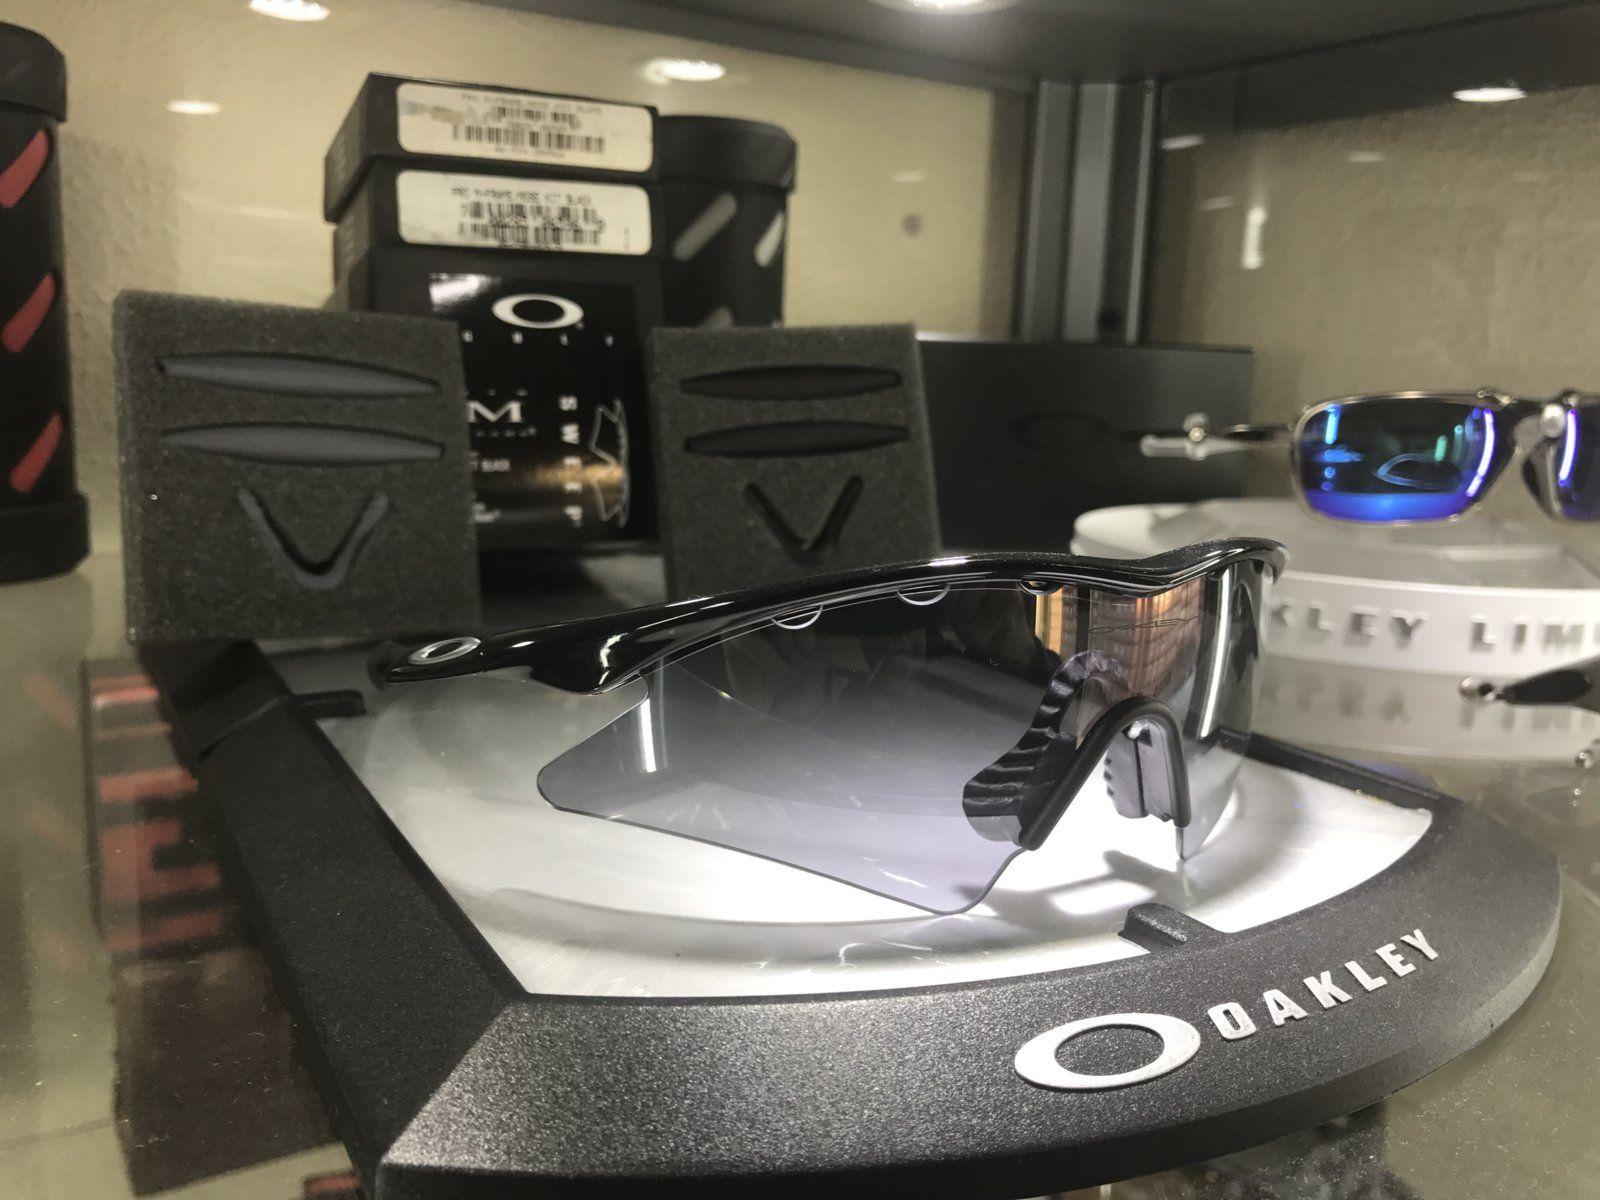 M-Frame Sweep jet Black w/ slatte Iridium SKU: 09-608 + 2 set of new oem rubbers - IMG_8321.JPG